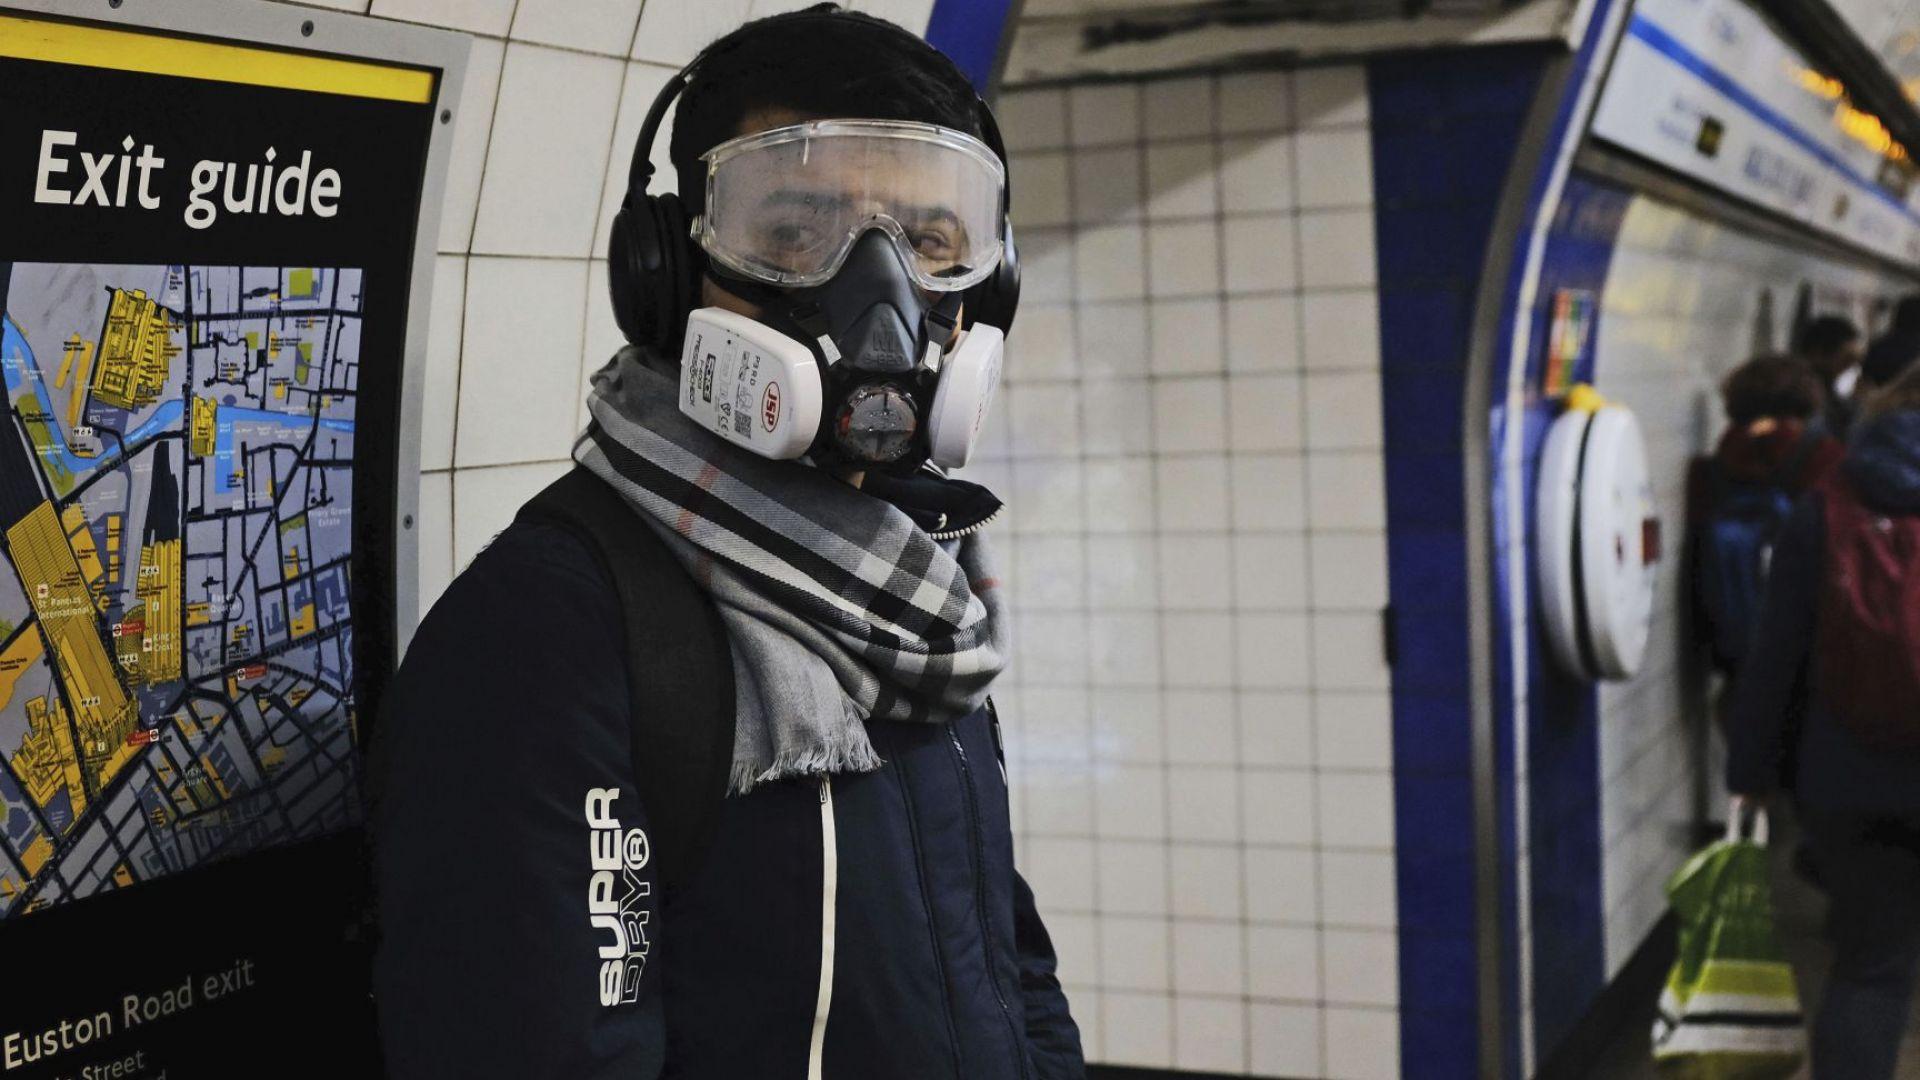 Лондон пред нови карантинни мерки: На опашка под дъжда пред супермаркетите (снимки)